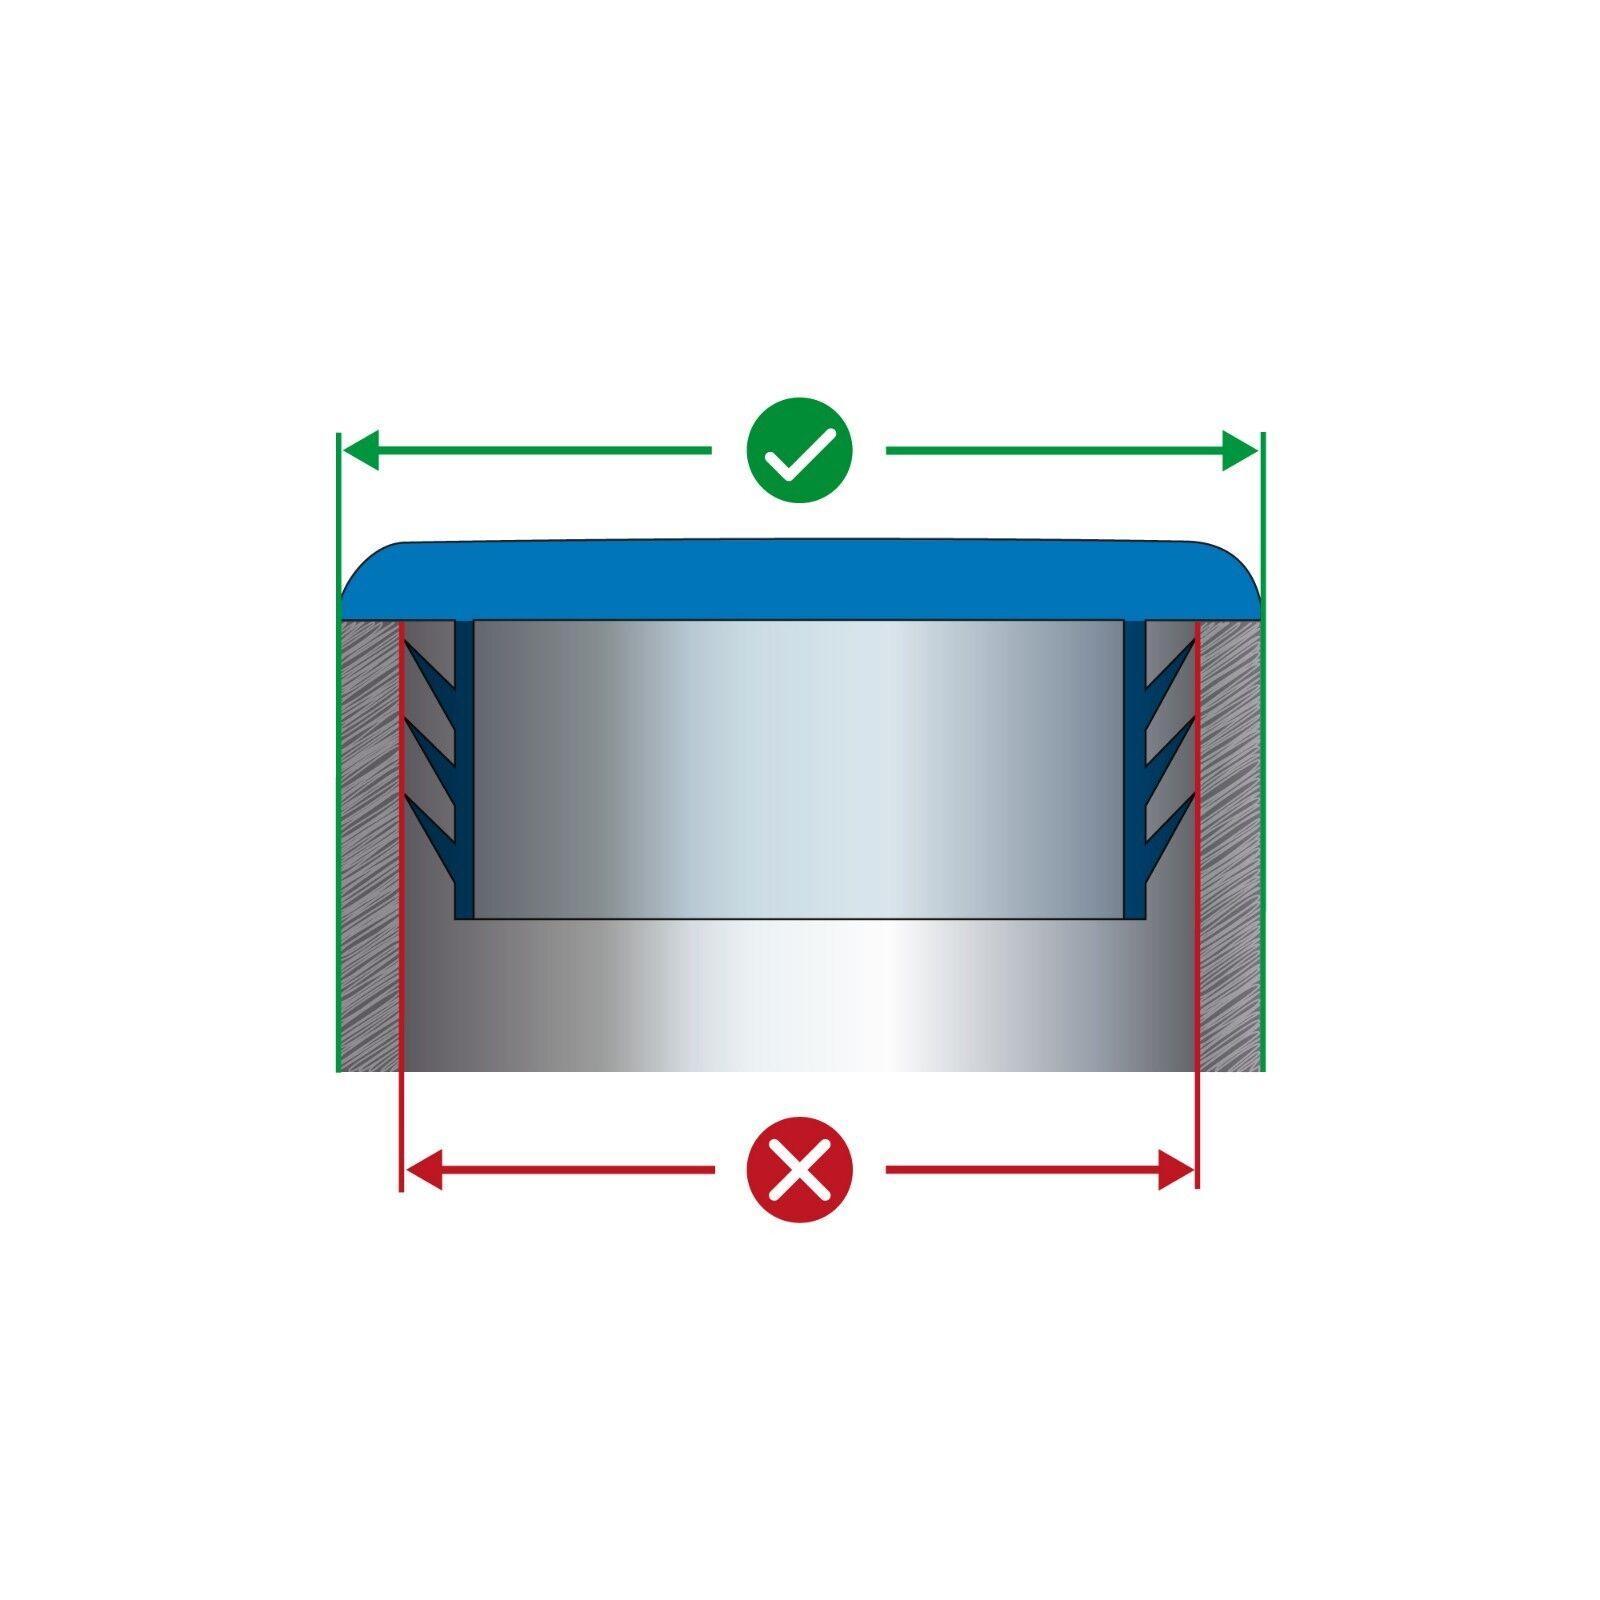 15x25 mm Rechteckrohr Stopfen Lamellenstopfen Rohrstopfen rechteckig Rechteck